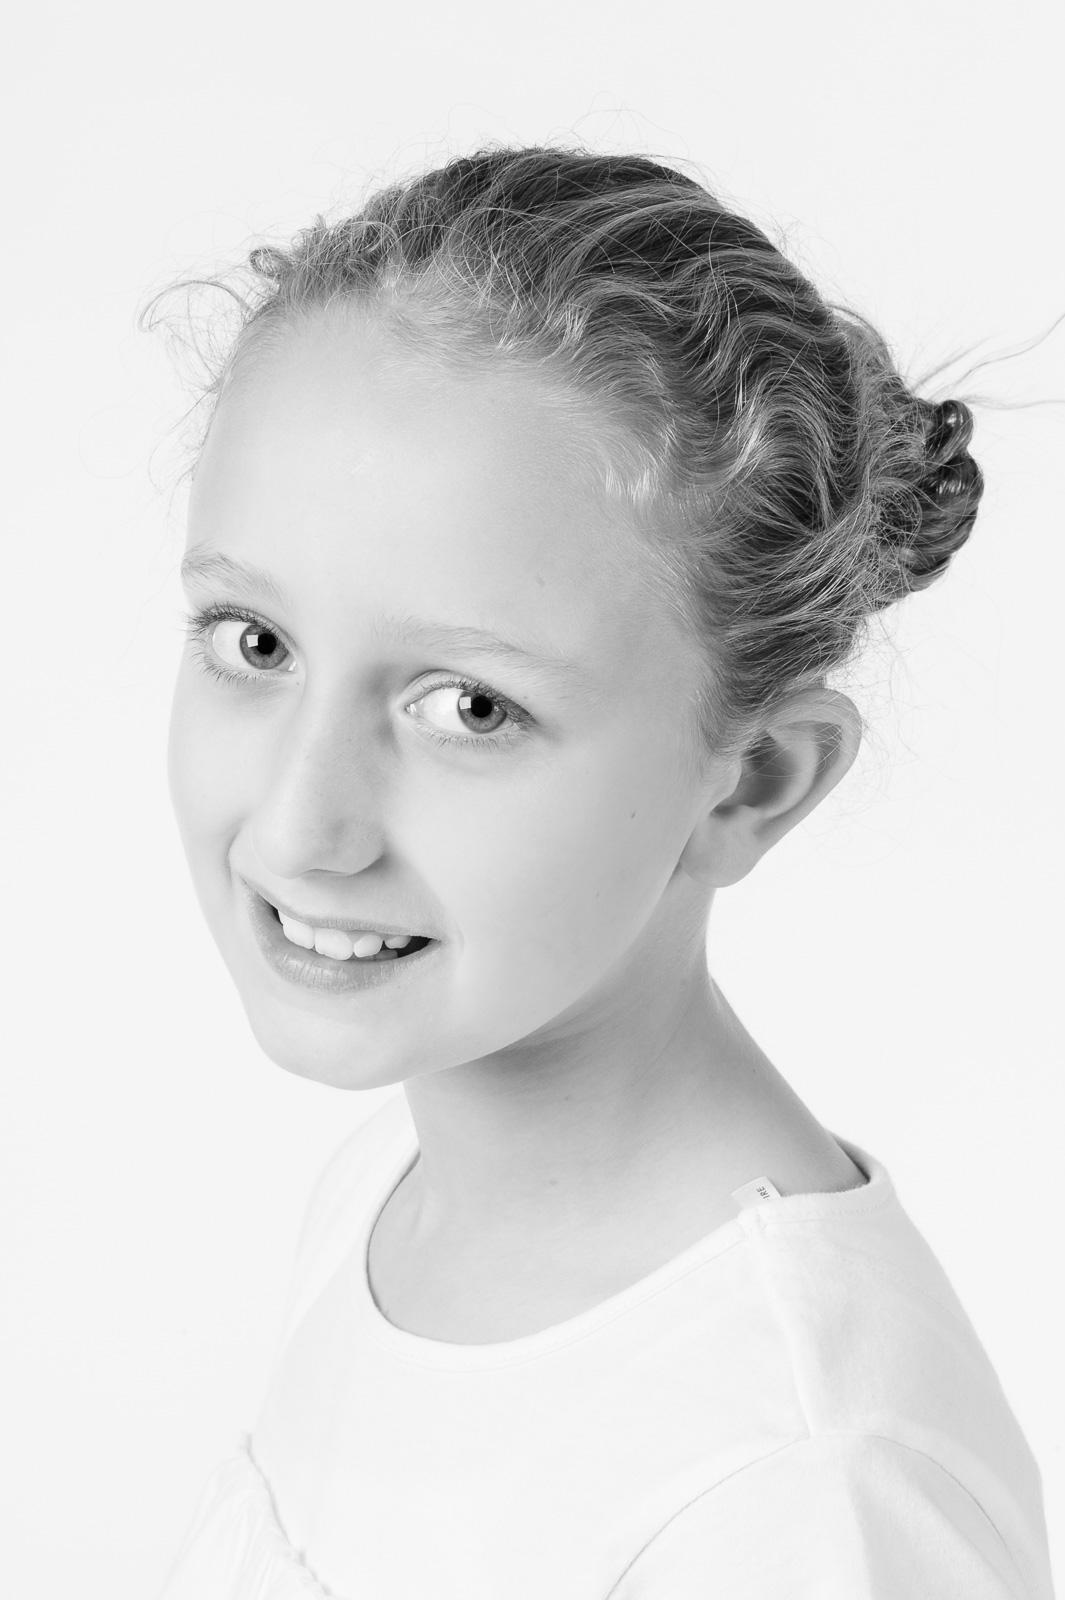 portrait photographer, portrait photography derby, Studio portrait of a young girl: Olivia - Family portrait